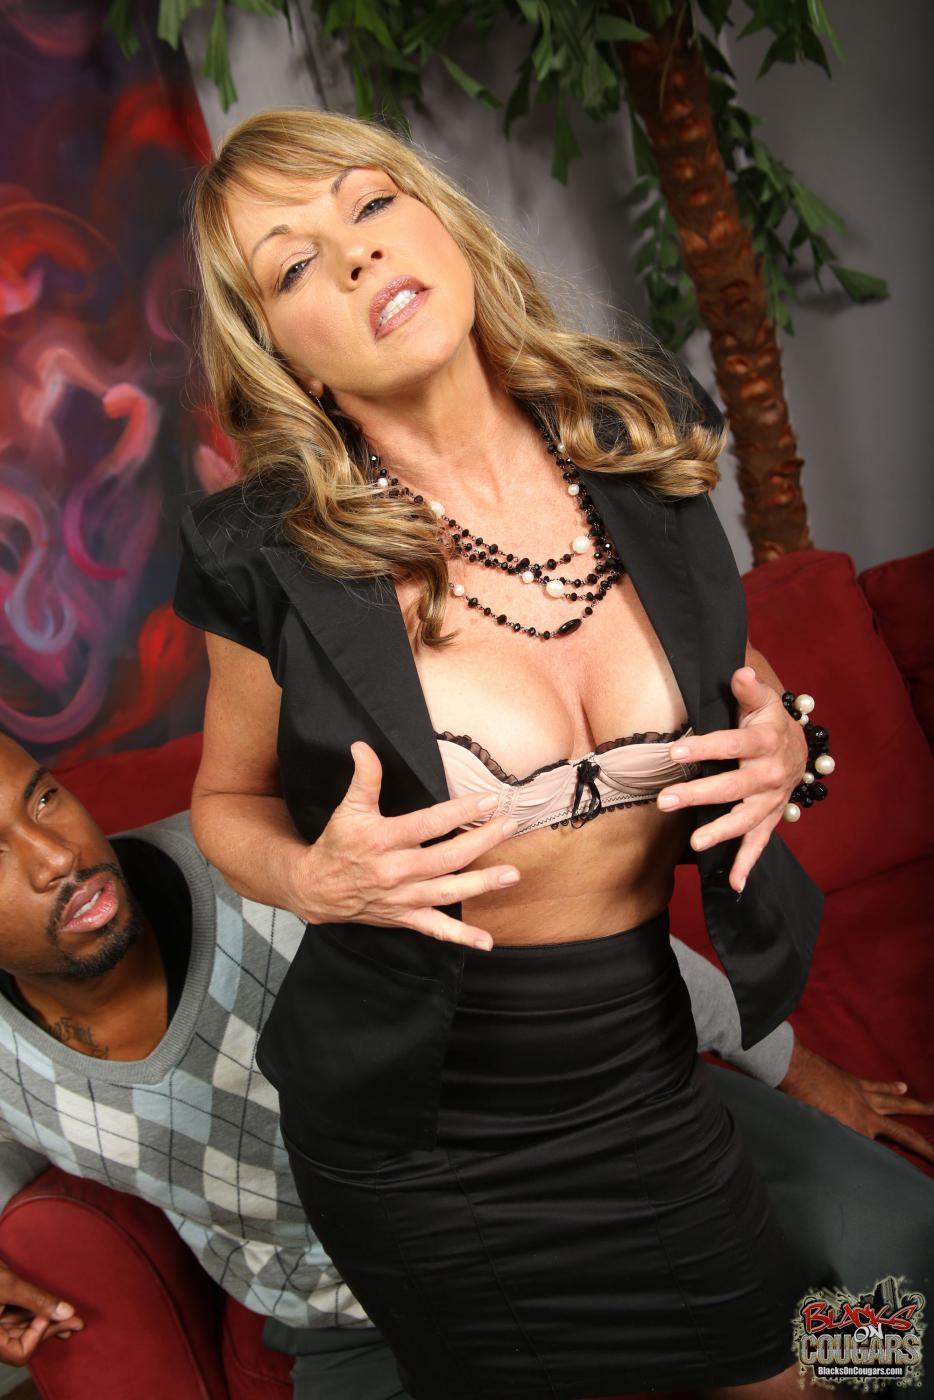 Дикий межрассовый трах с похотливой Shayla Laveaux, которая заставляет темнокожего парня взрываться зарядами спермы